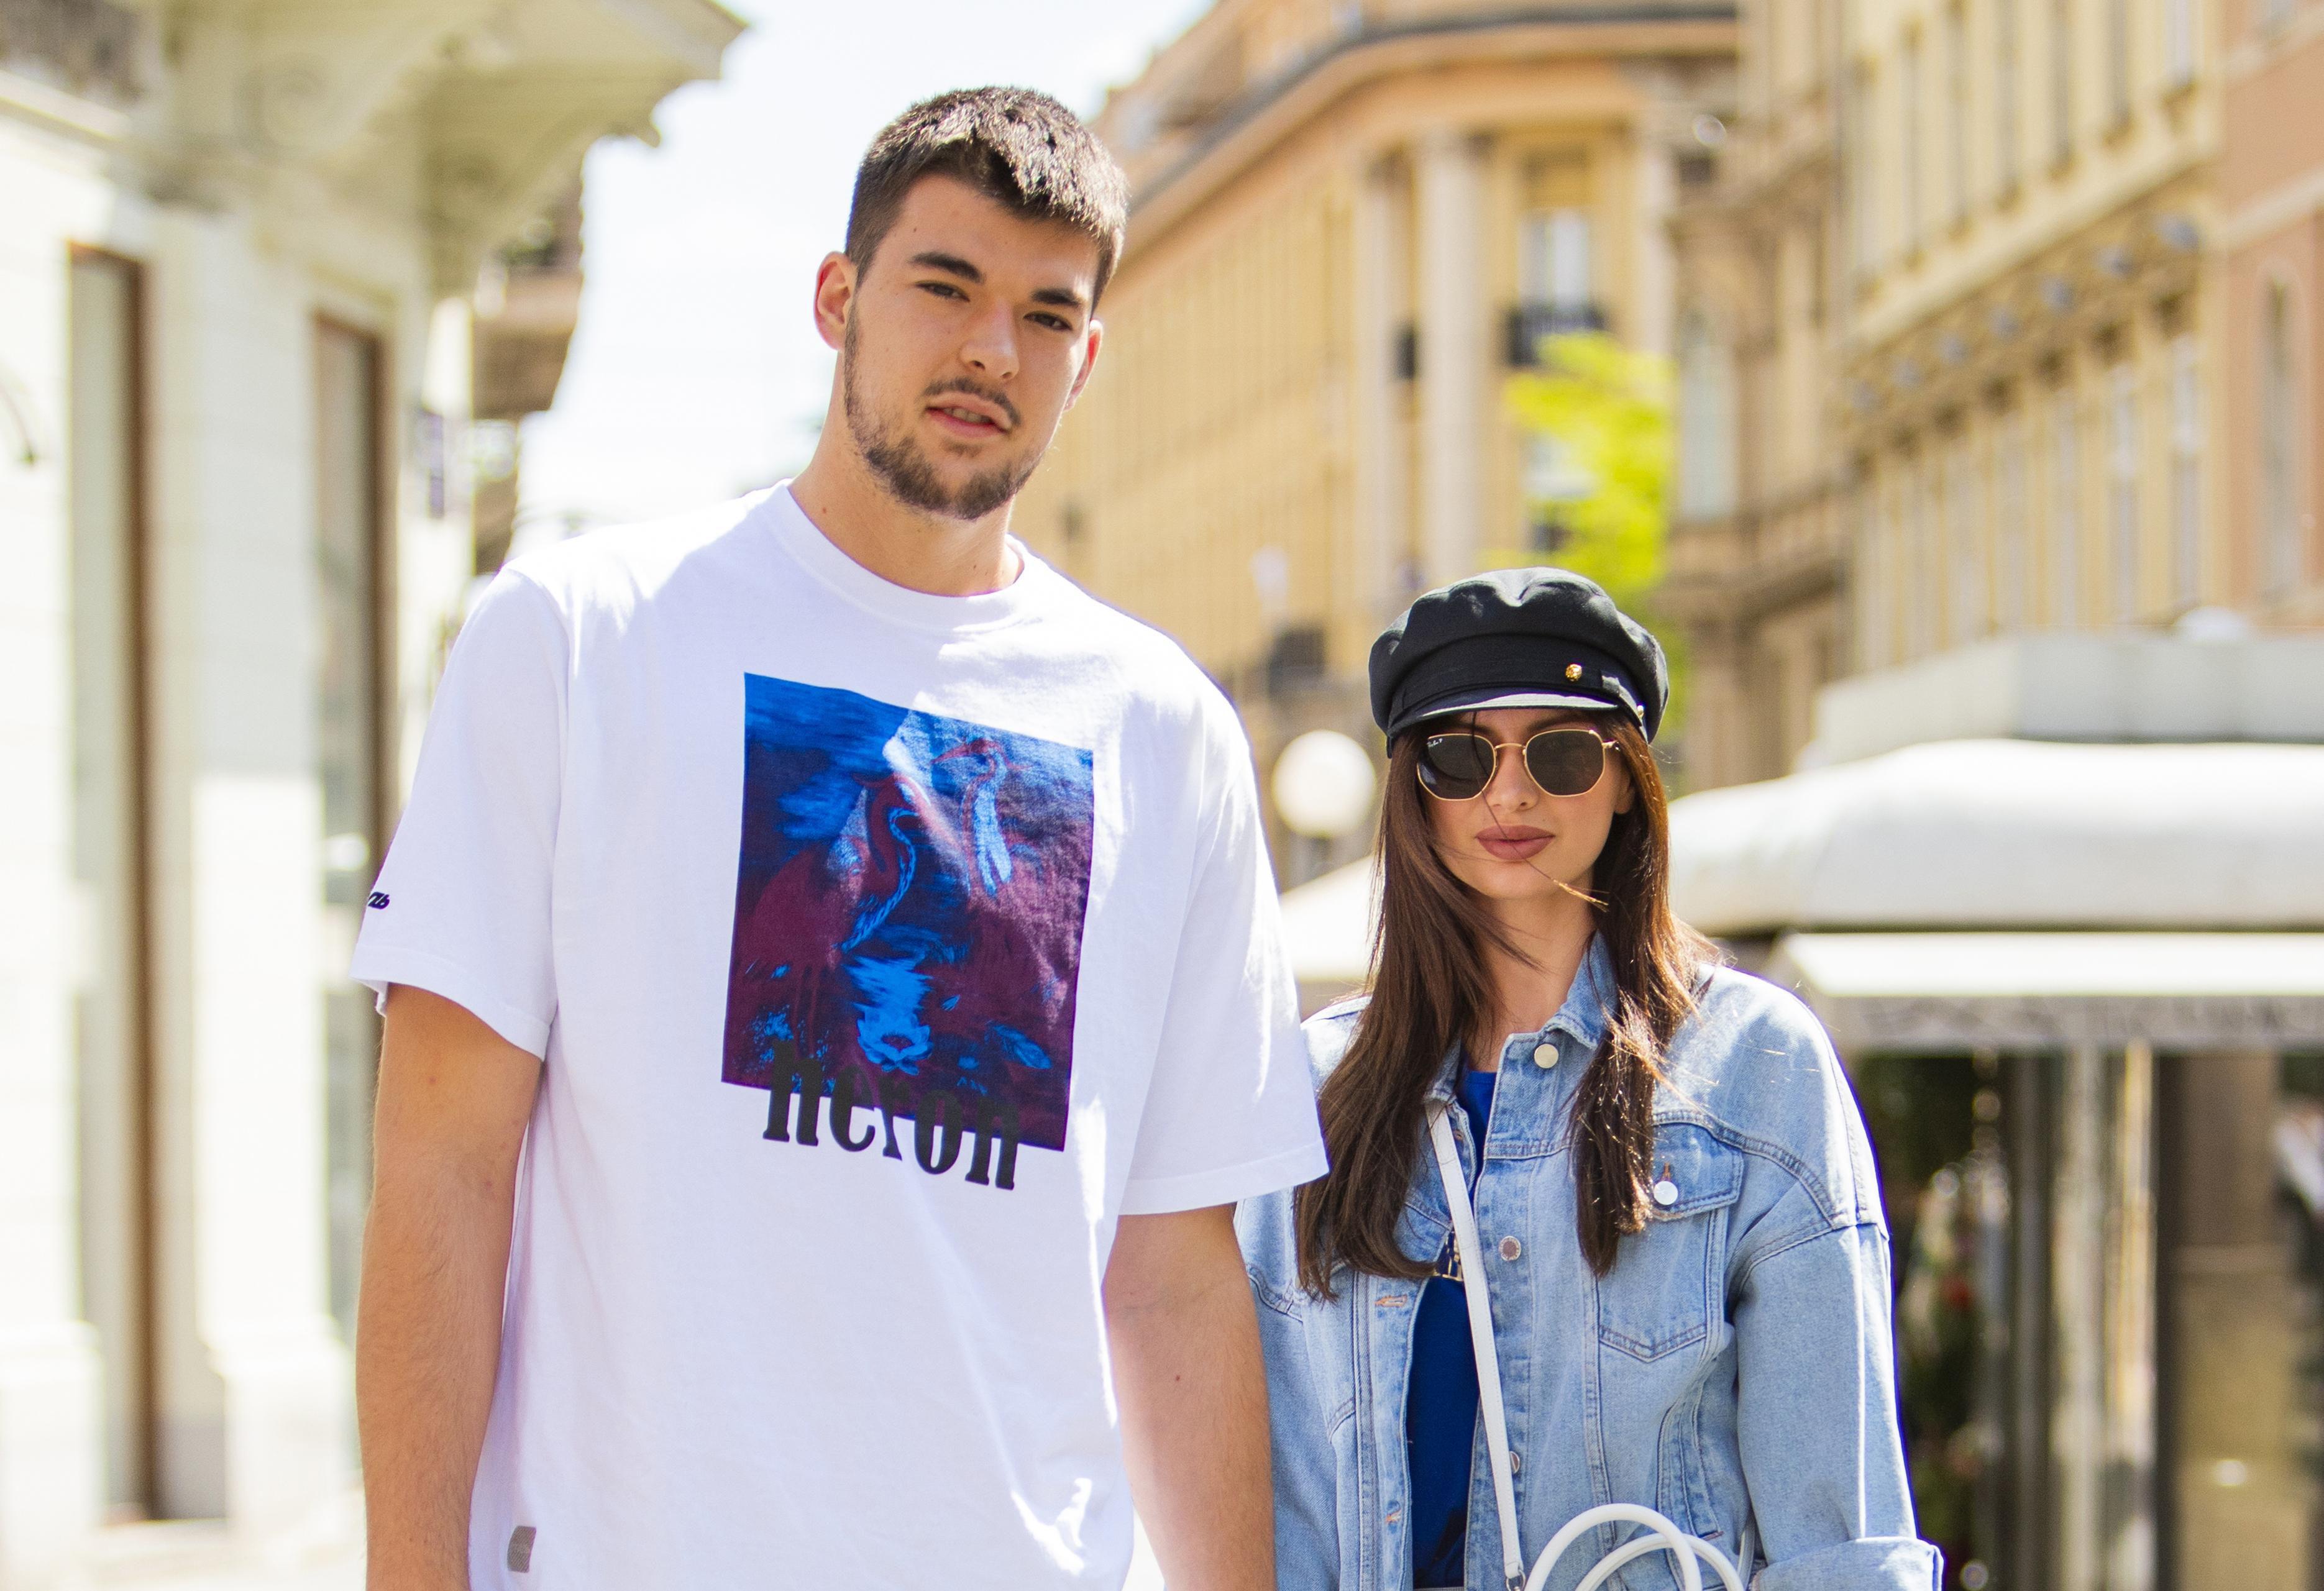 Baš su divan par! Kako izgledaju poznati košarkaš Ivica Zubac i njegova zaručnica u slobodno vrijeme